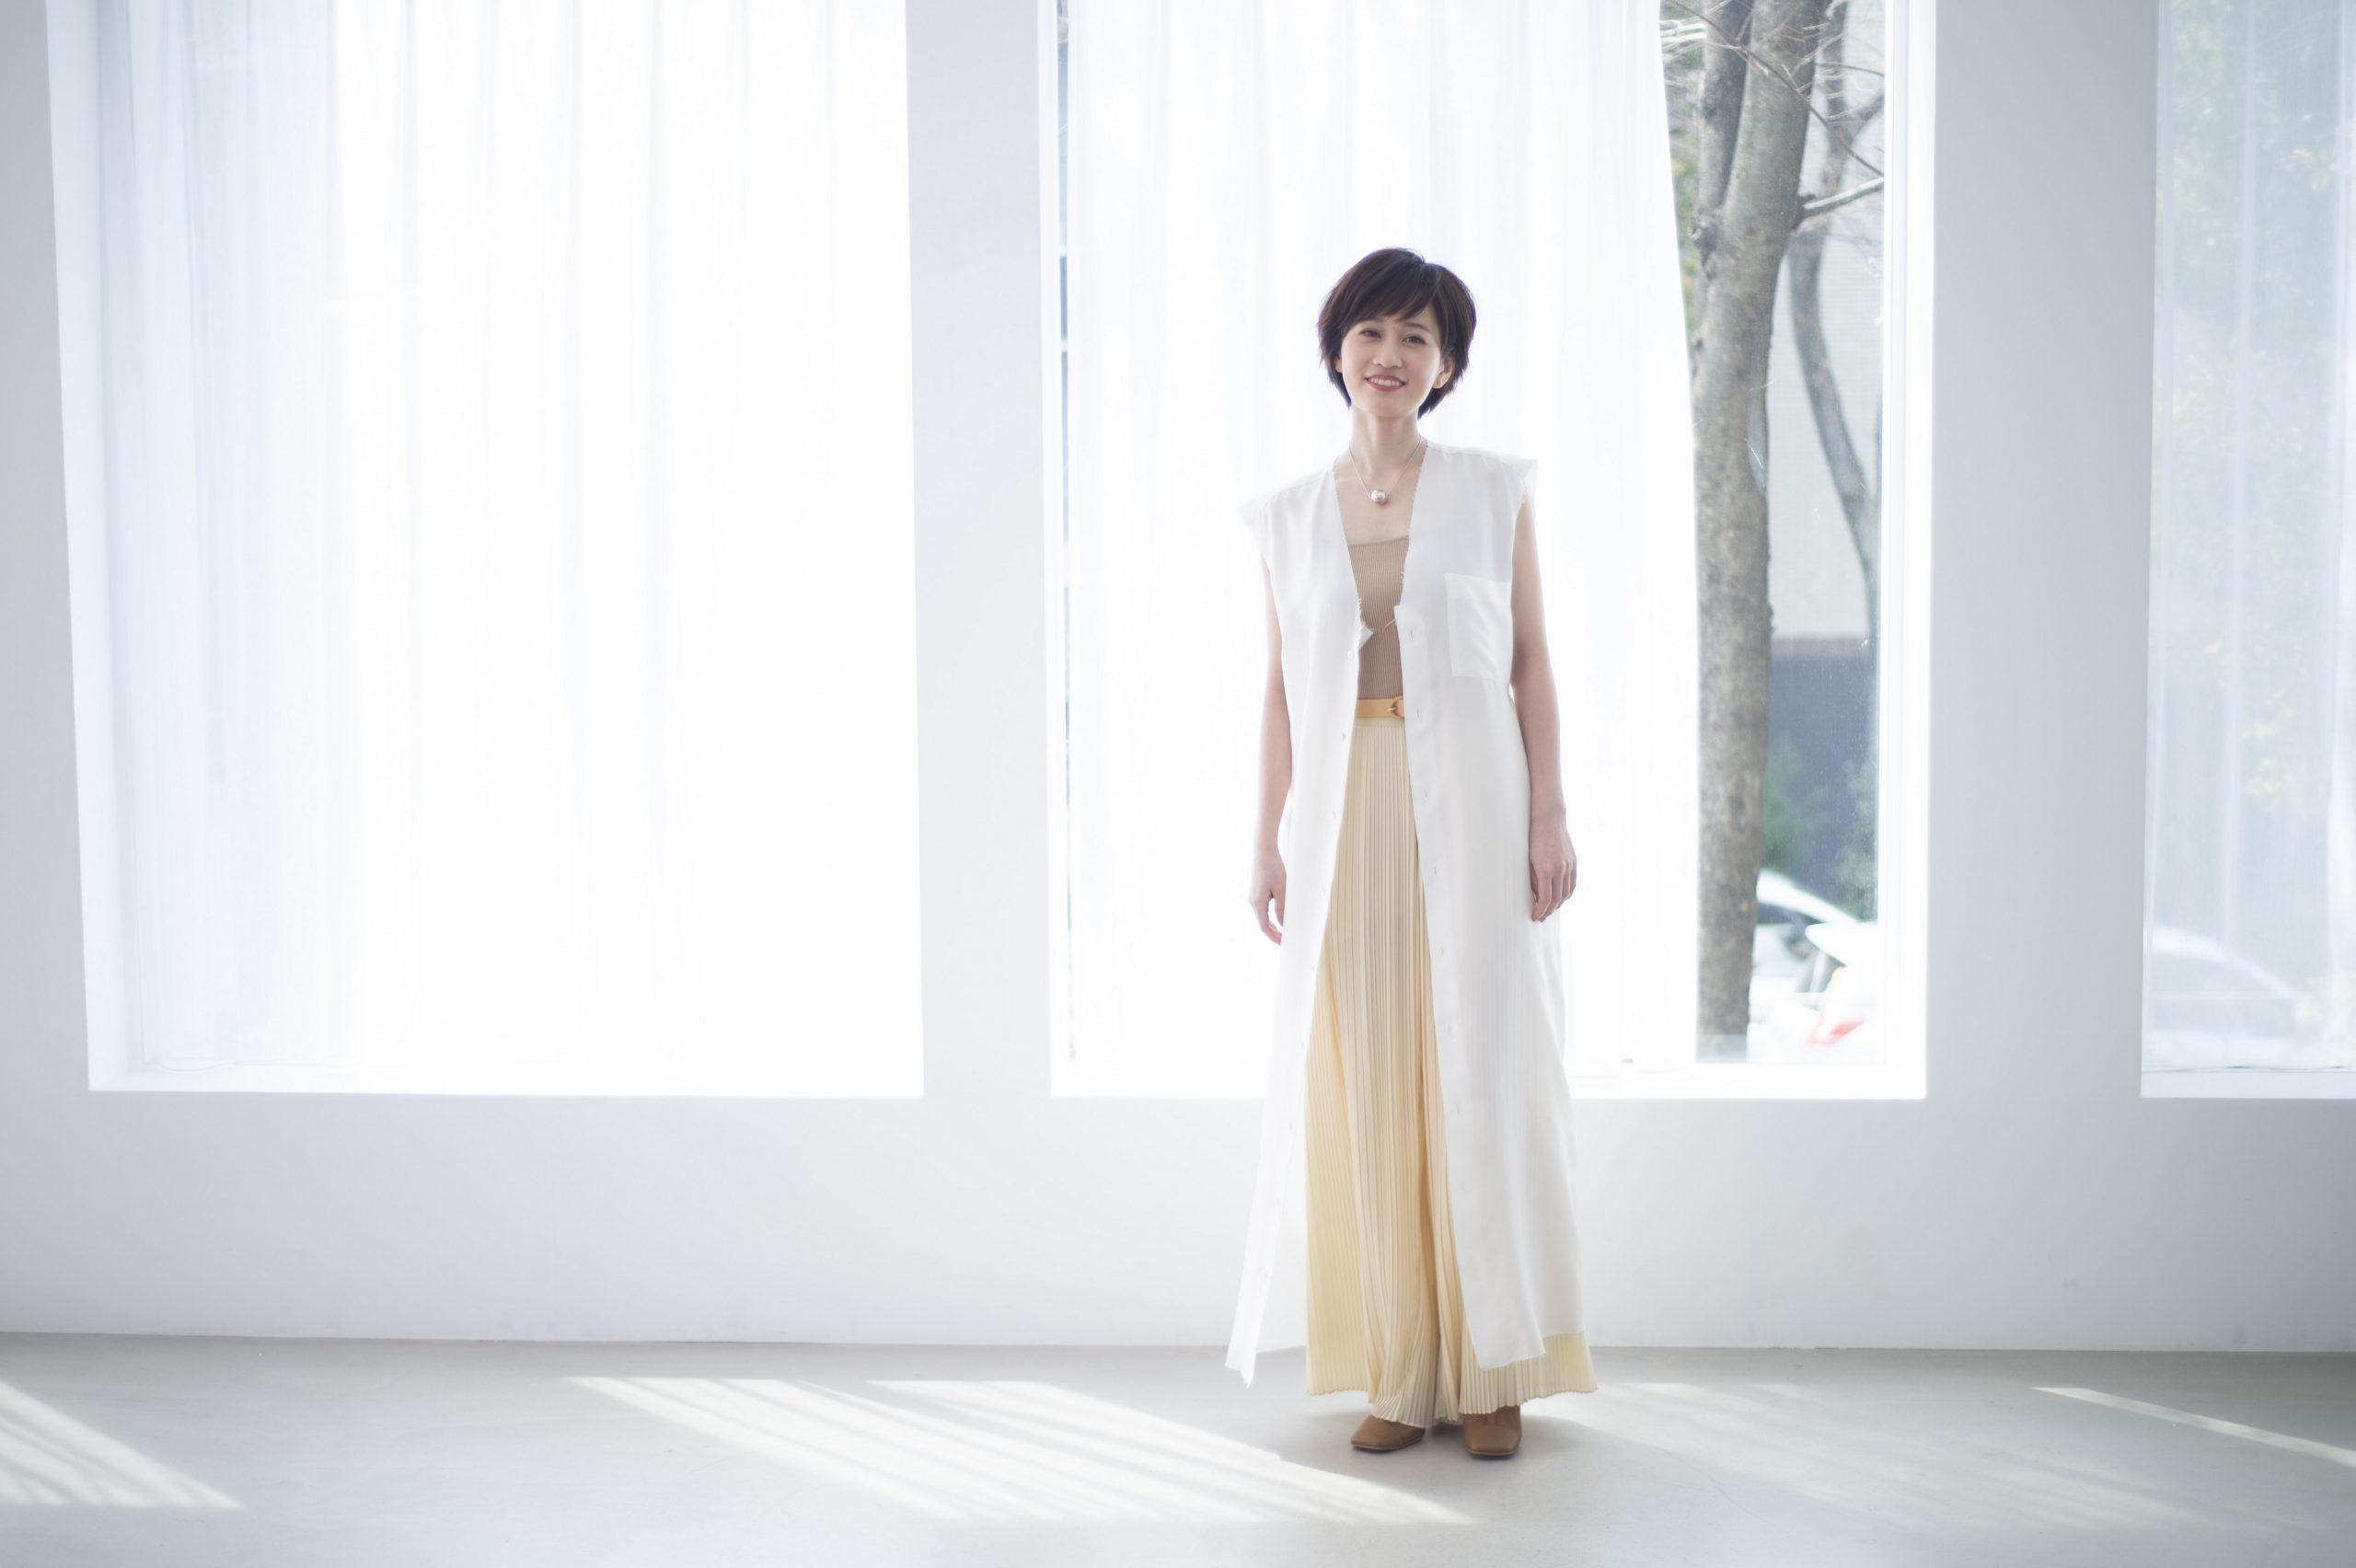 勝地涼さんとの離婚を発表した前田敦子さん2